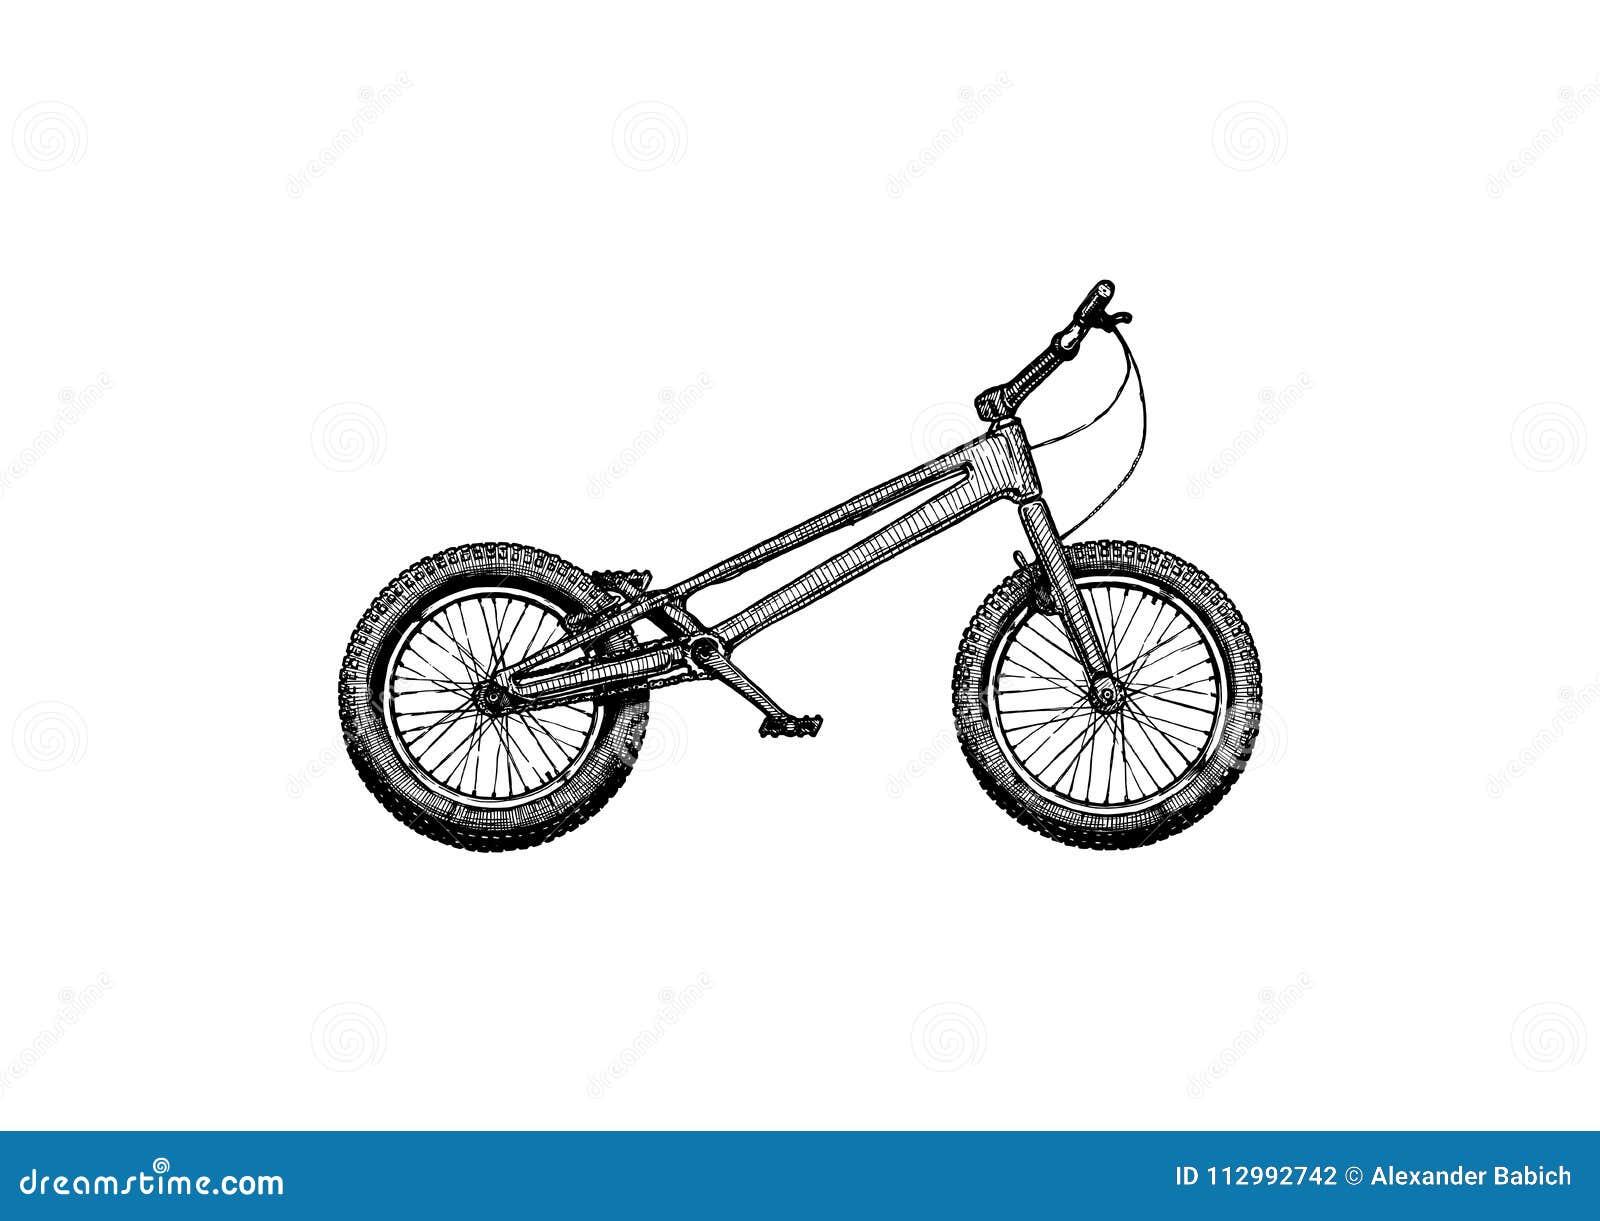 Trial bike, Mod